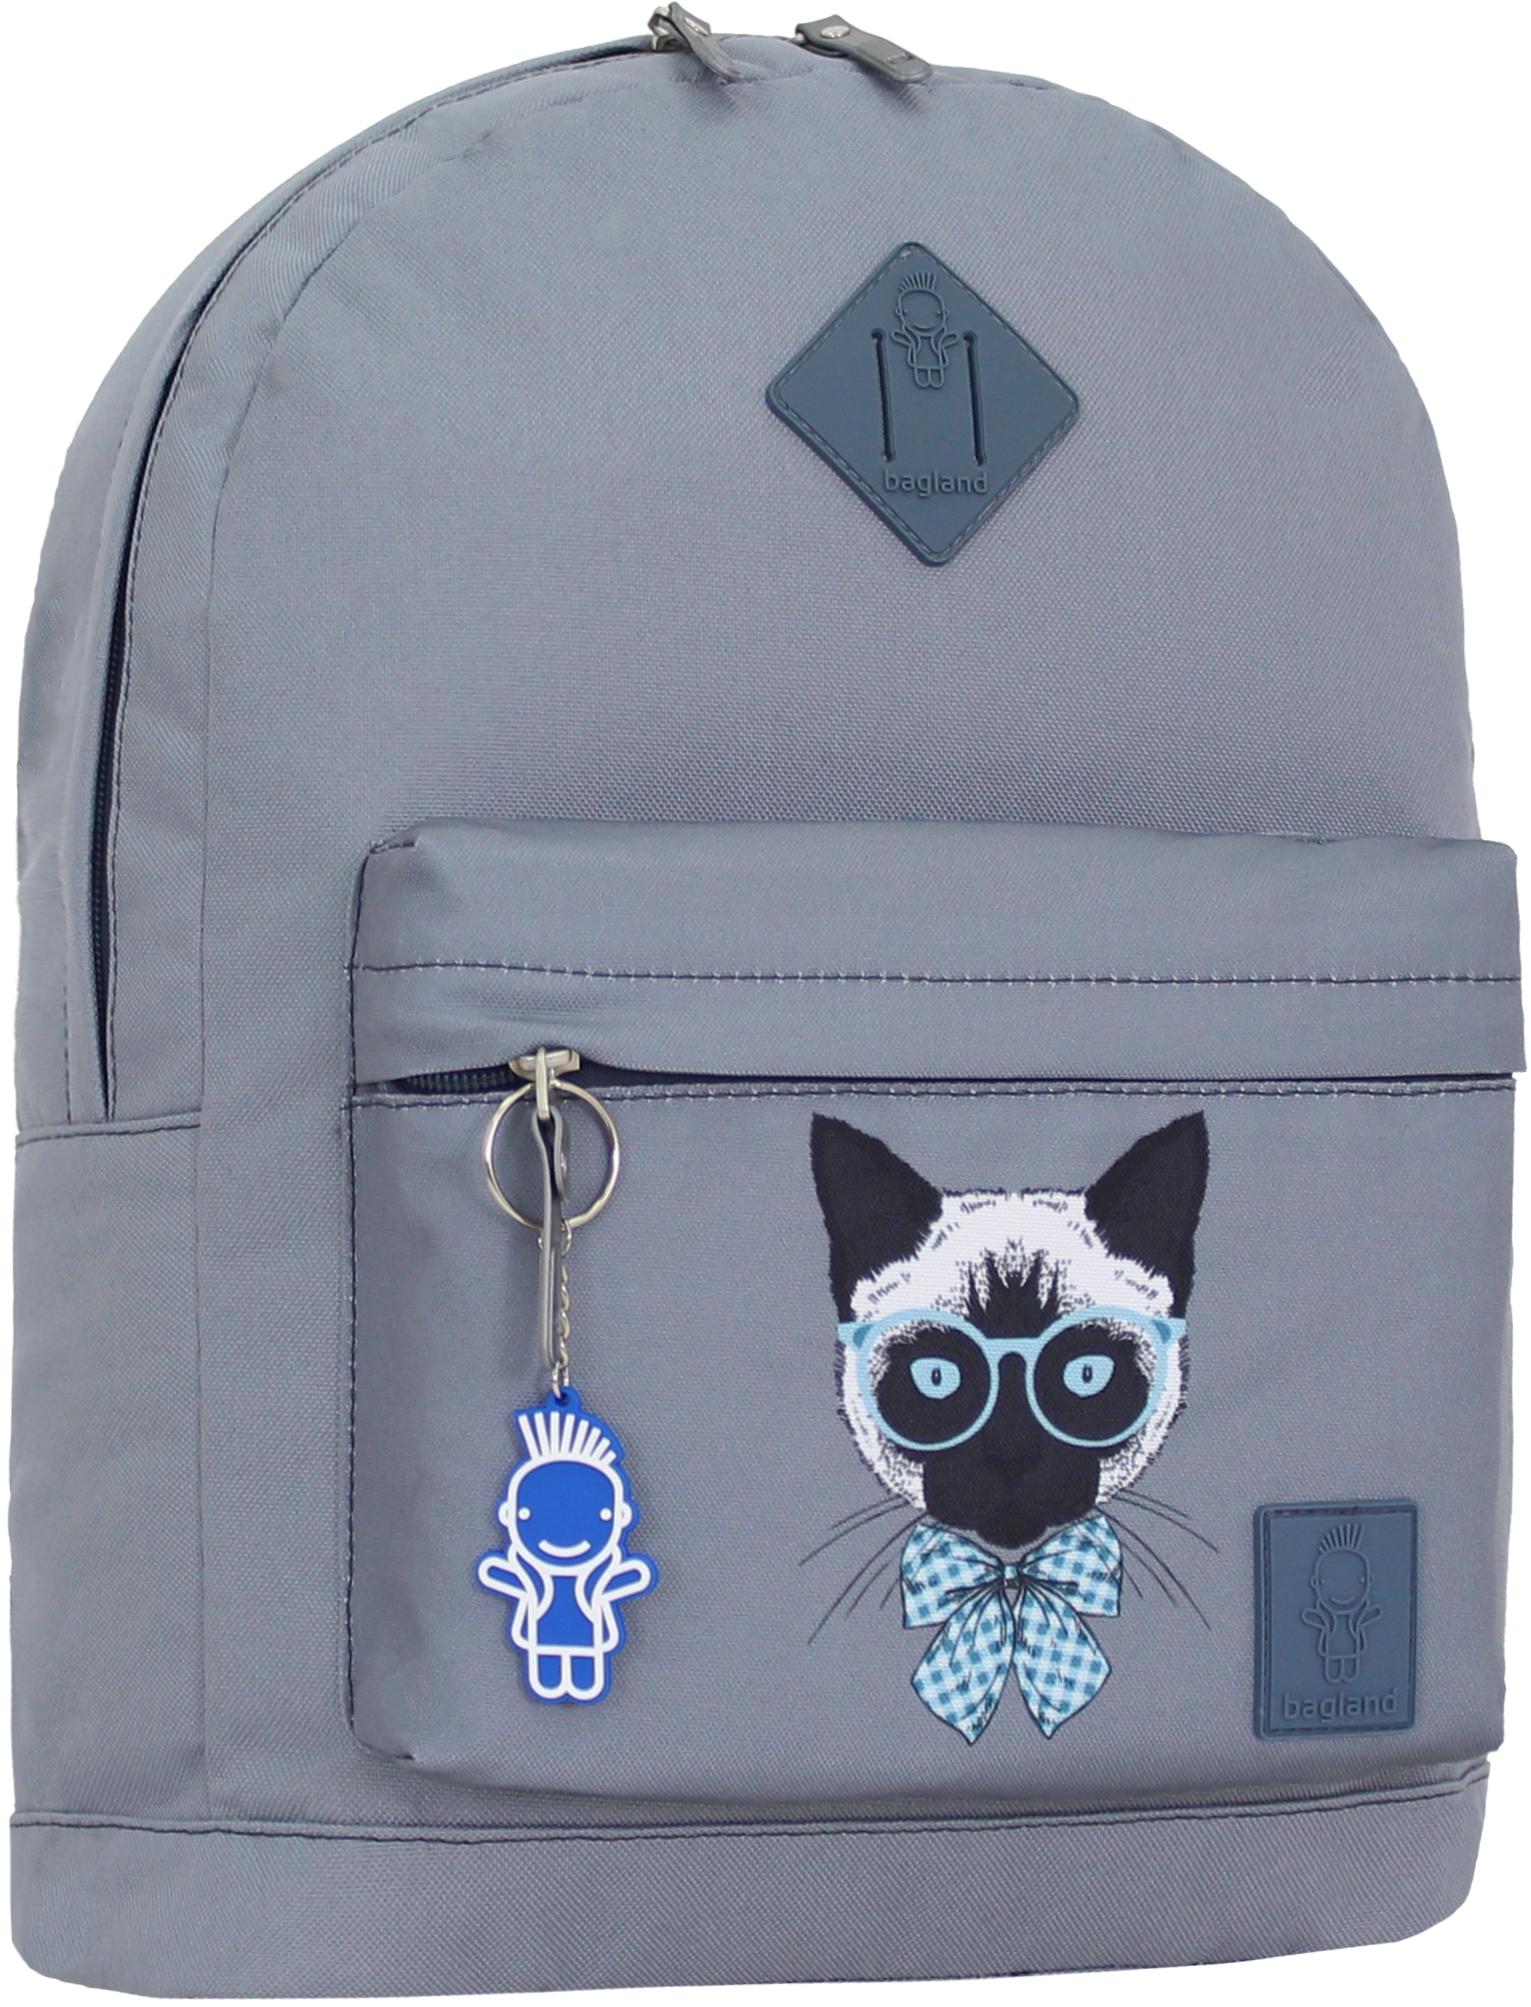 Городские рюкзаки Рюкзак Bagland Молодежный W/R 17 л. серый 193к (00533662) IMG_0844_193к.JPG